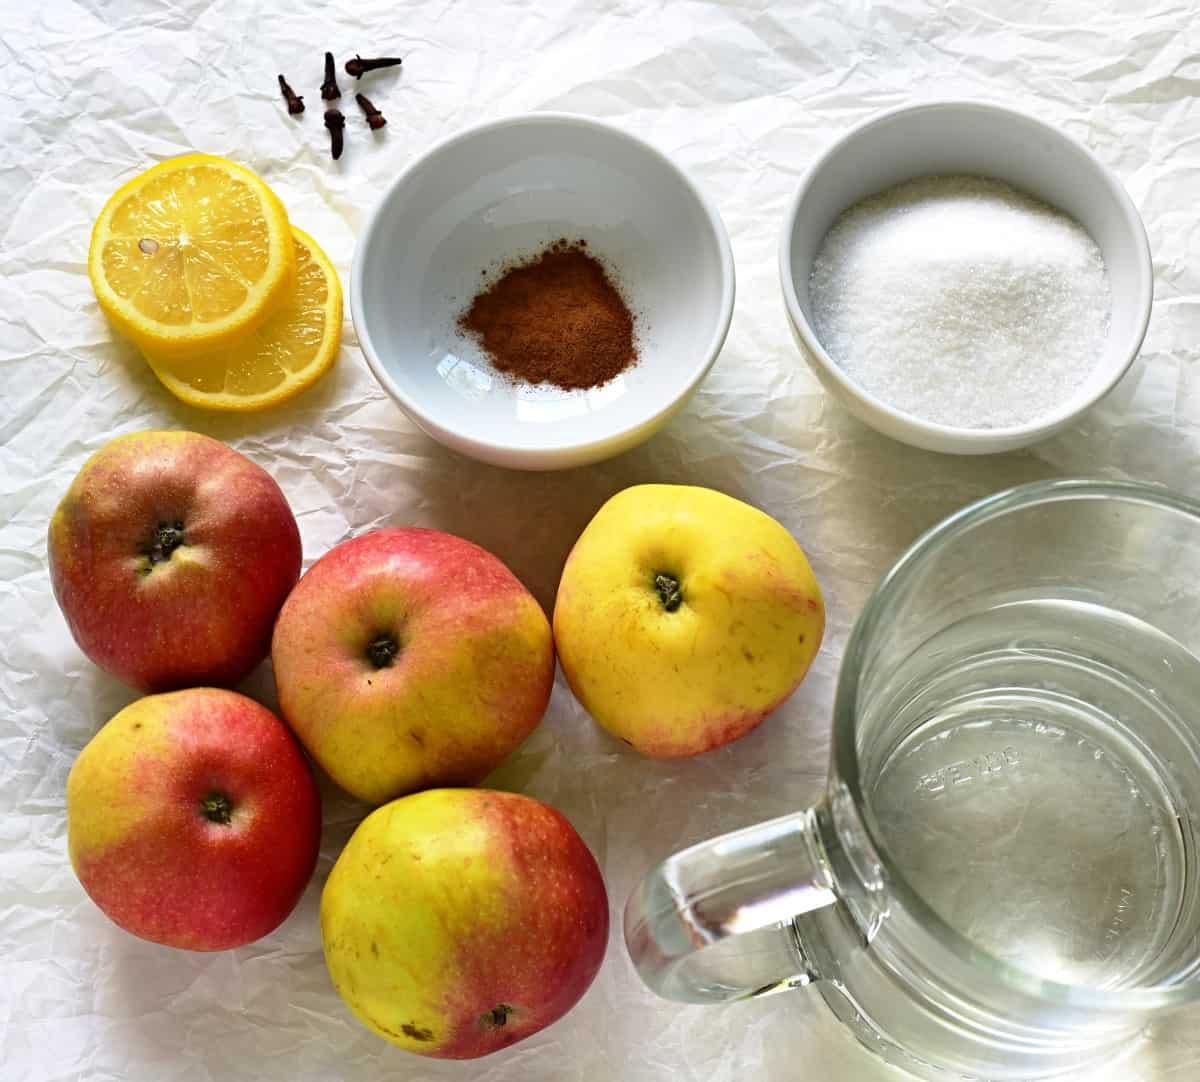 Hausgemachtes Apfelkompott Zutaten.